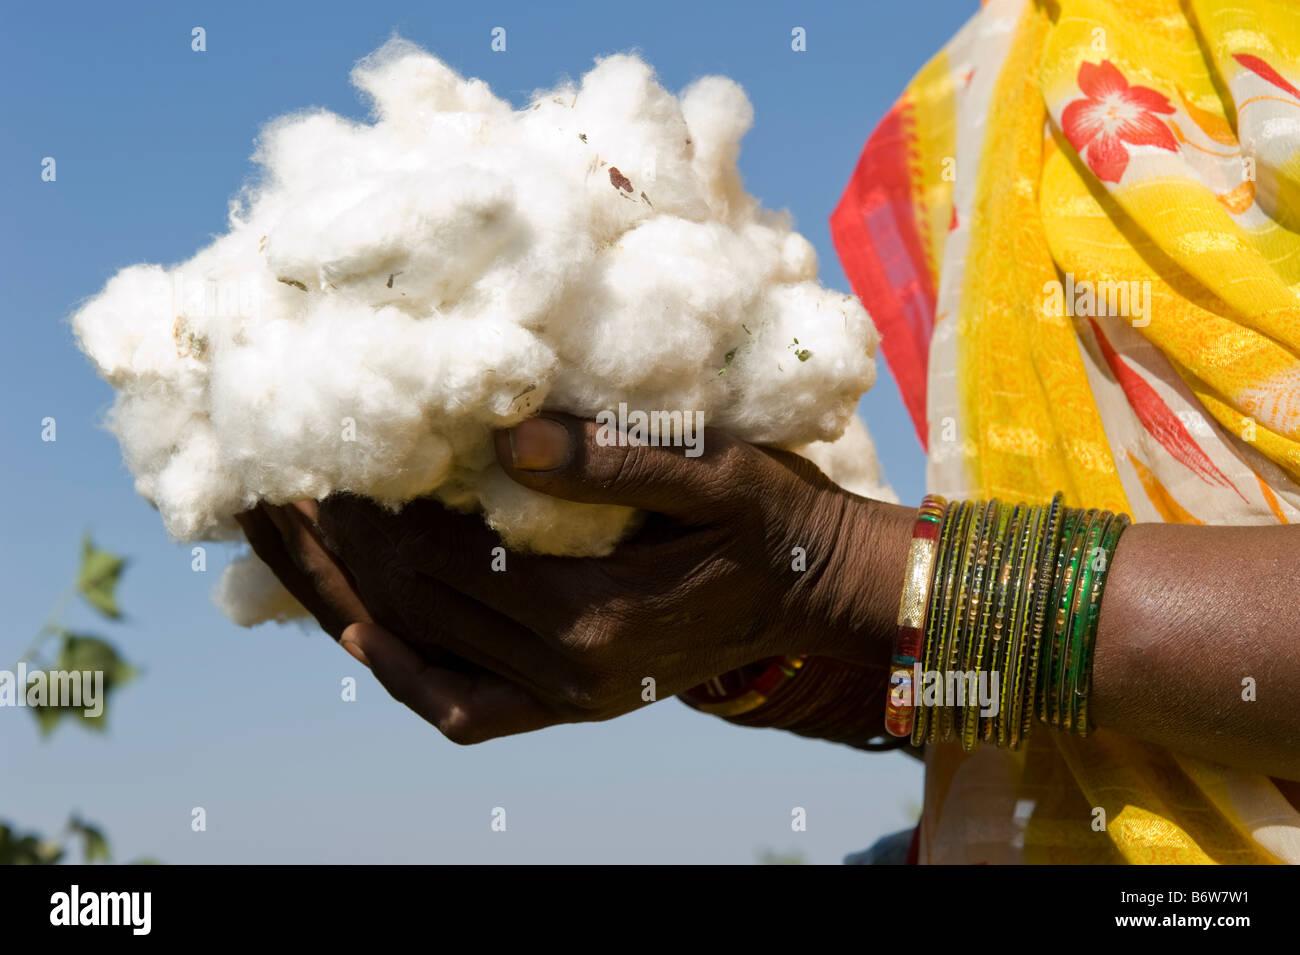 India p.f. Khargone , il commercio equo e solidale e di cotone biologico agricoltura Immagini Stock